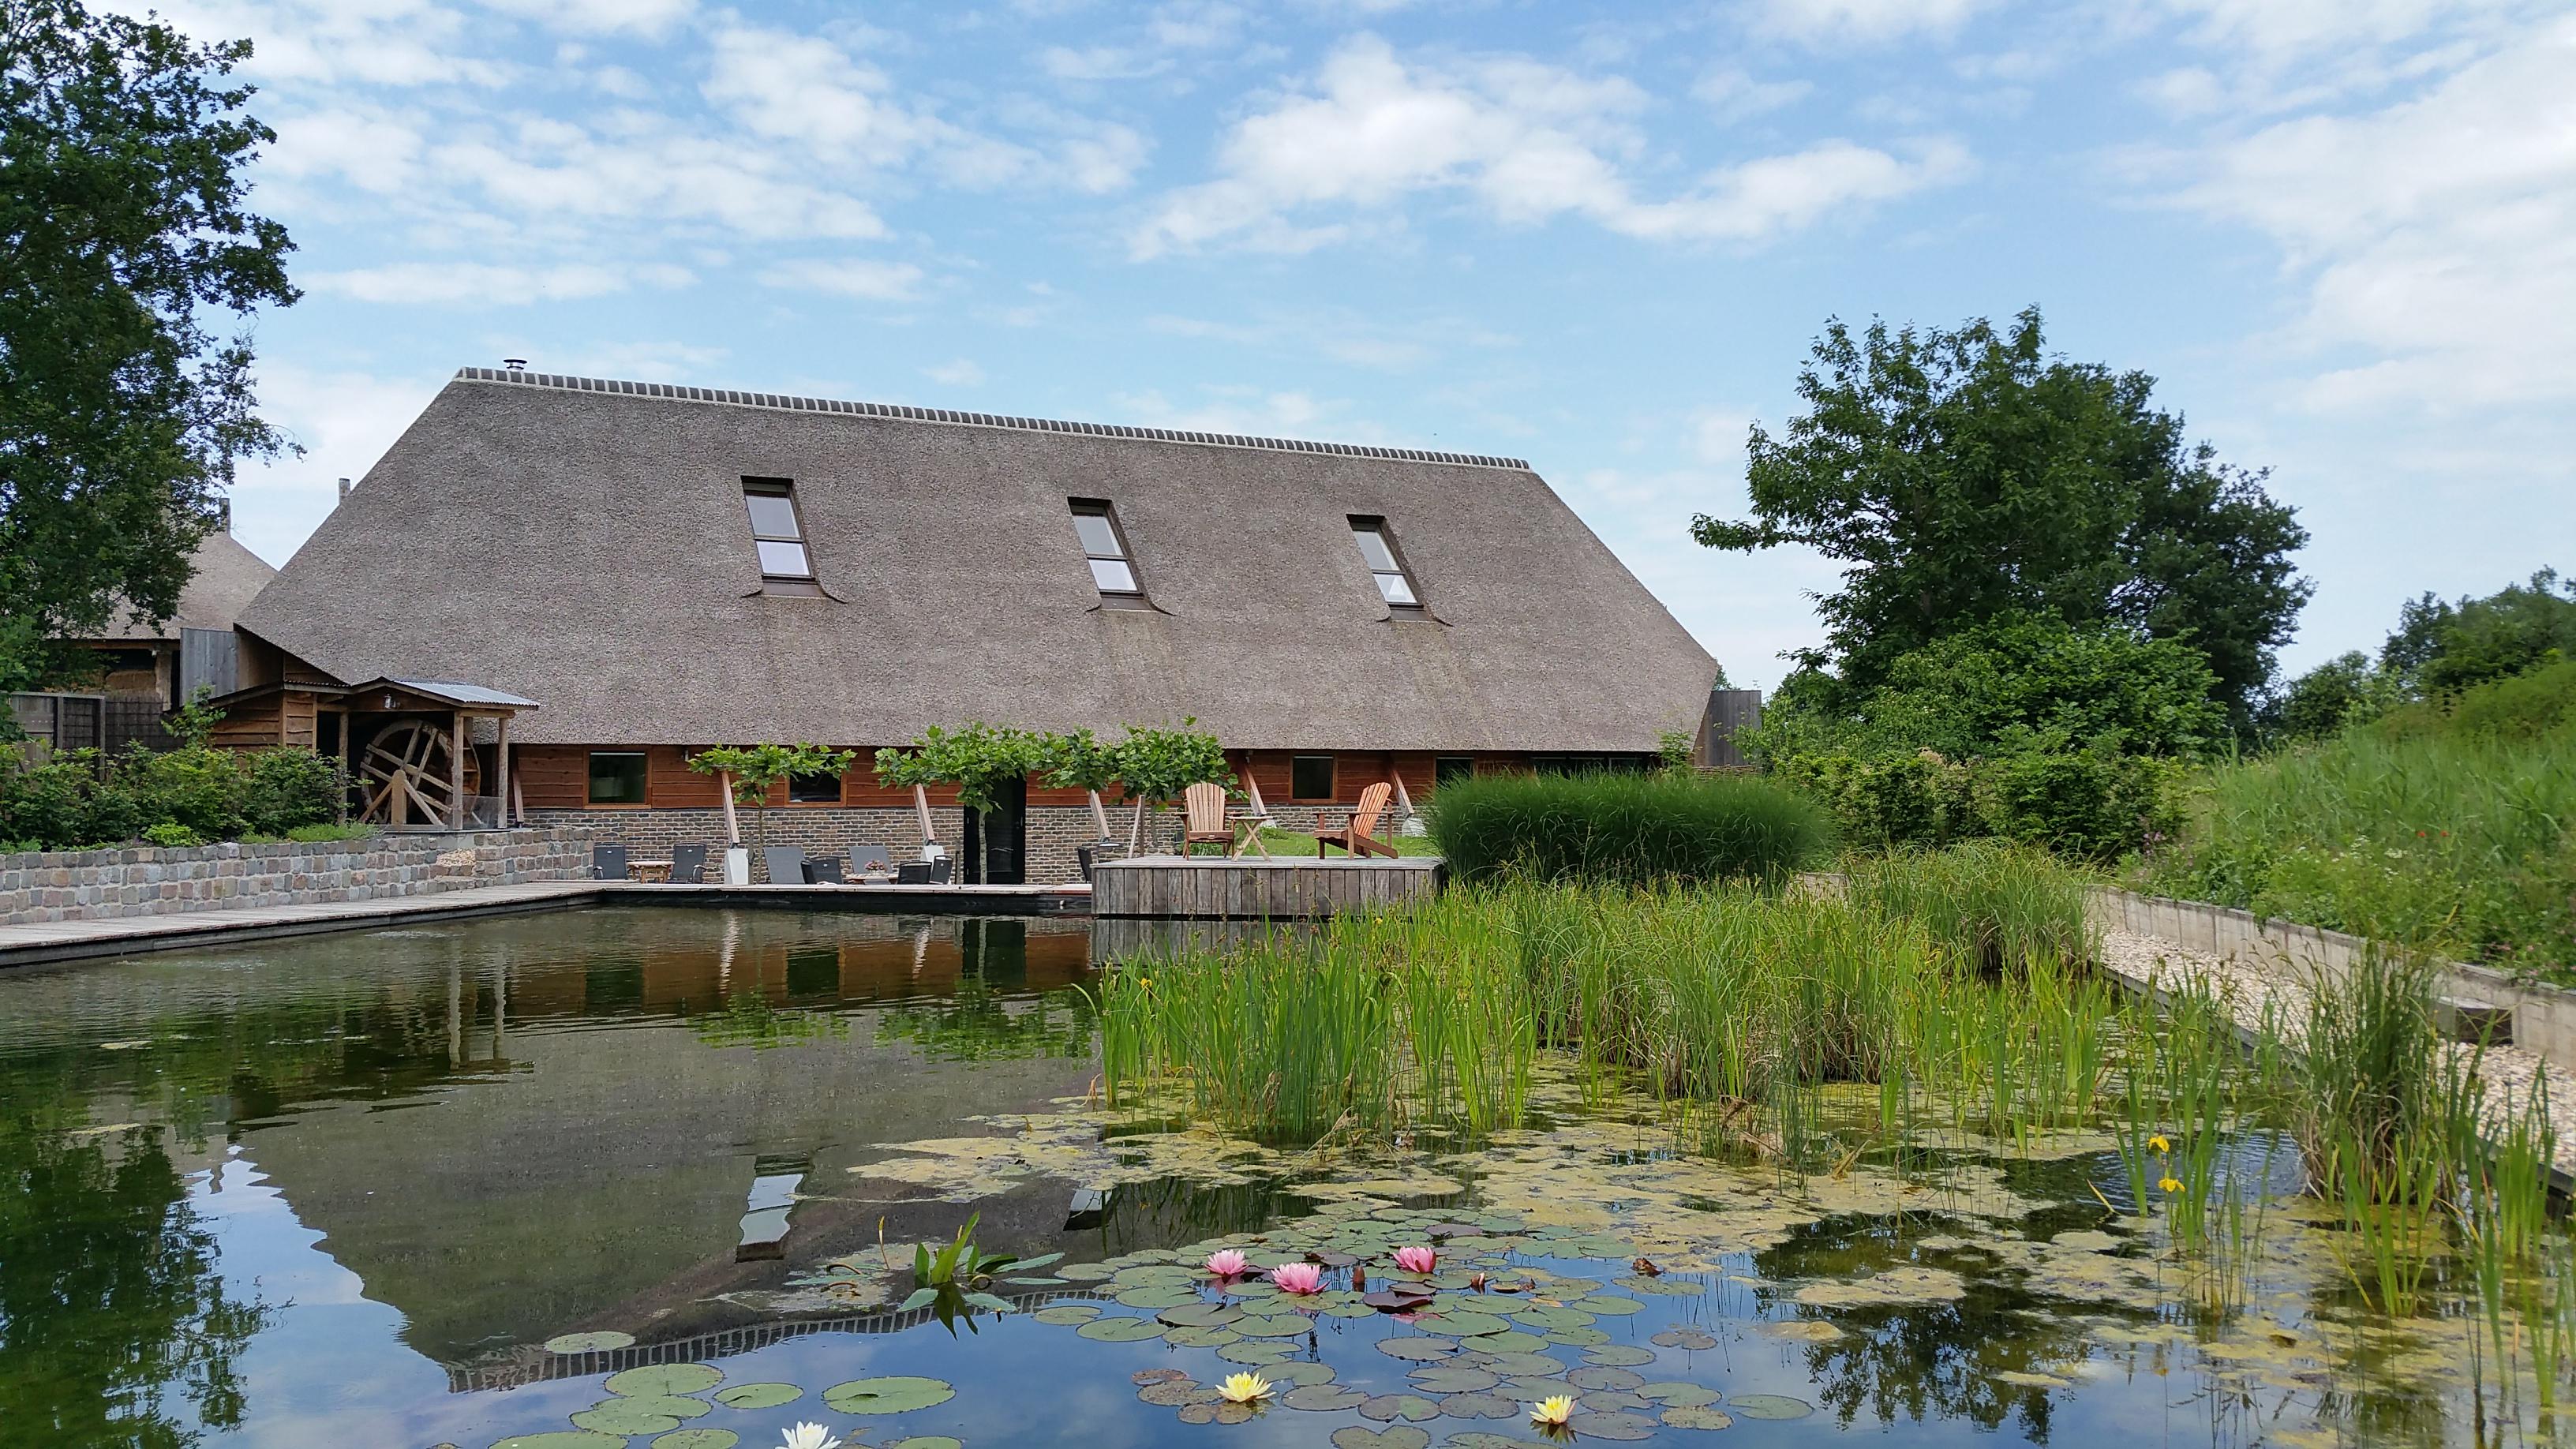 Samen een dagje uit naar een kleinschalige spa of wellness: een boerderij met rieten dak met zwemvijver ervoor.